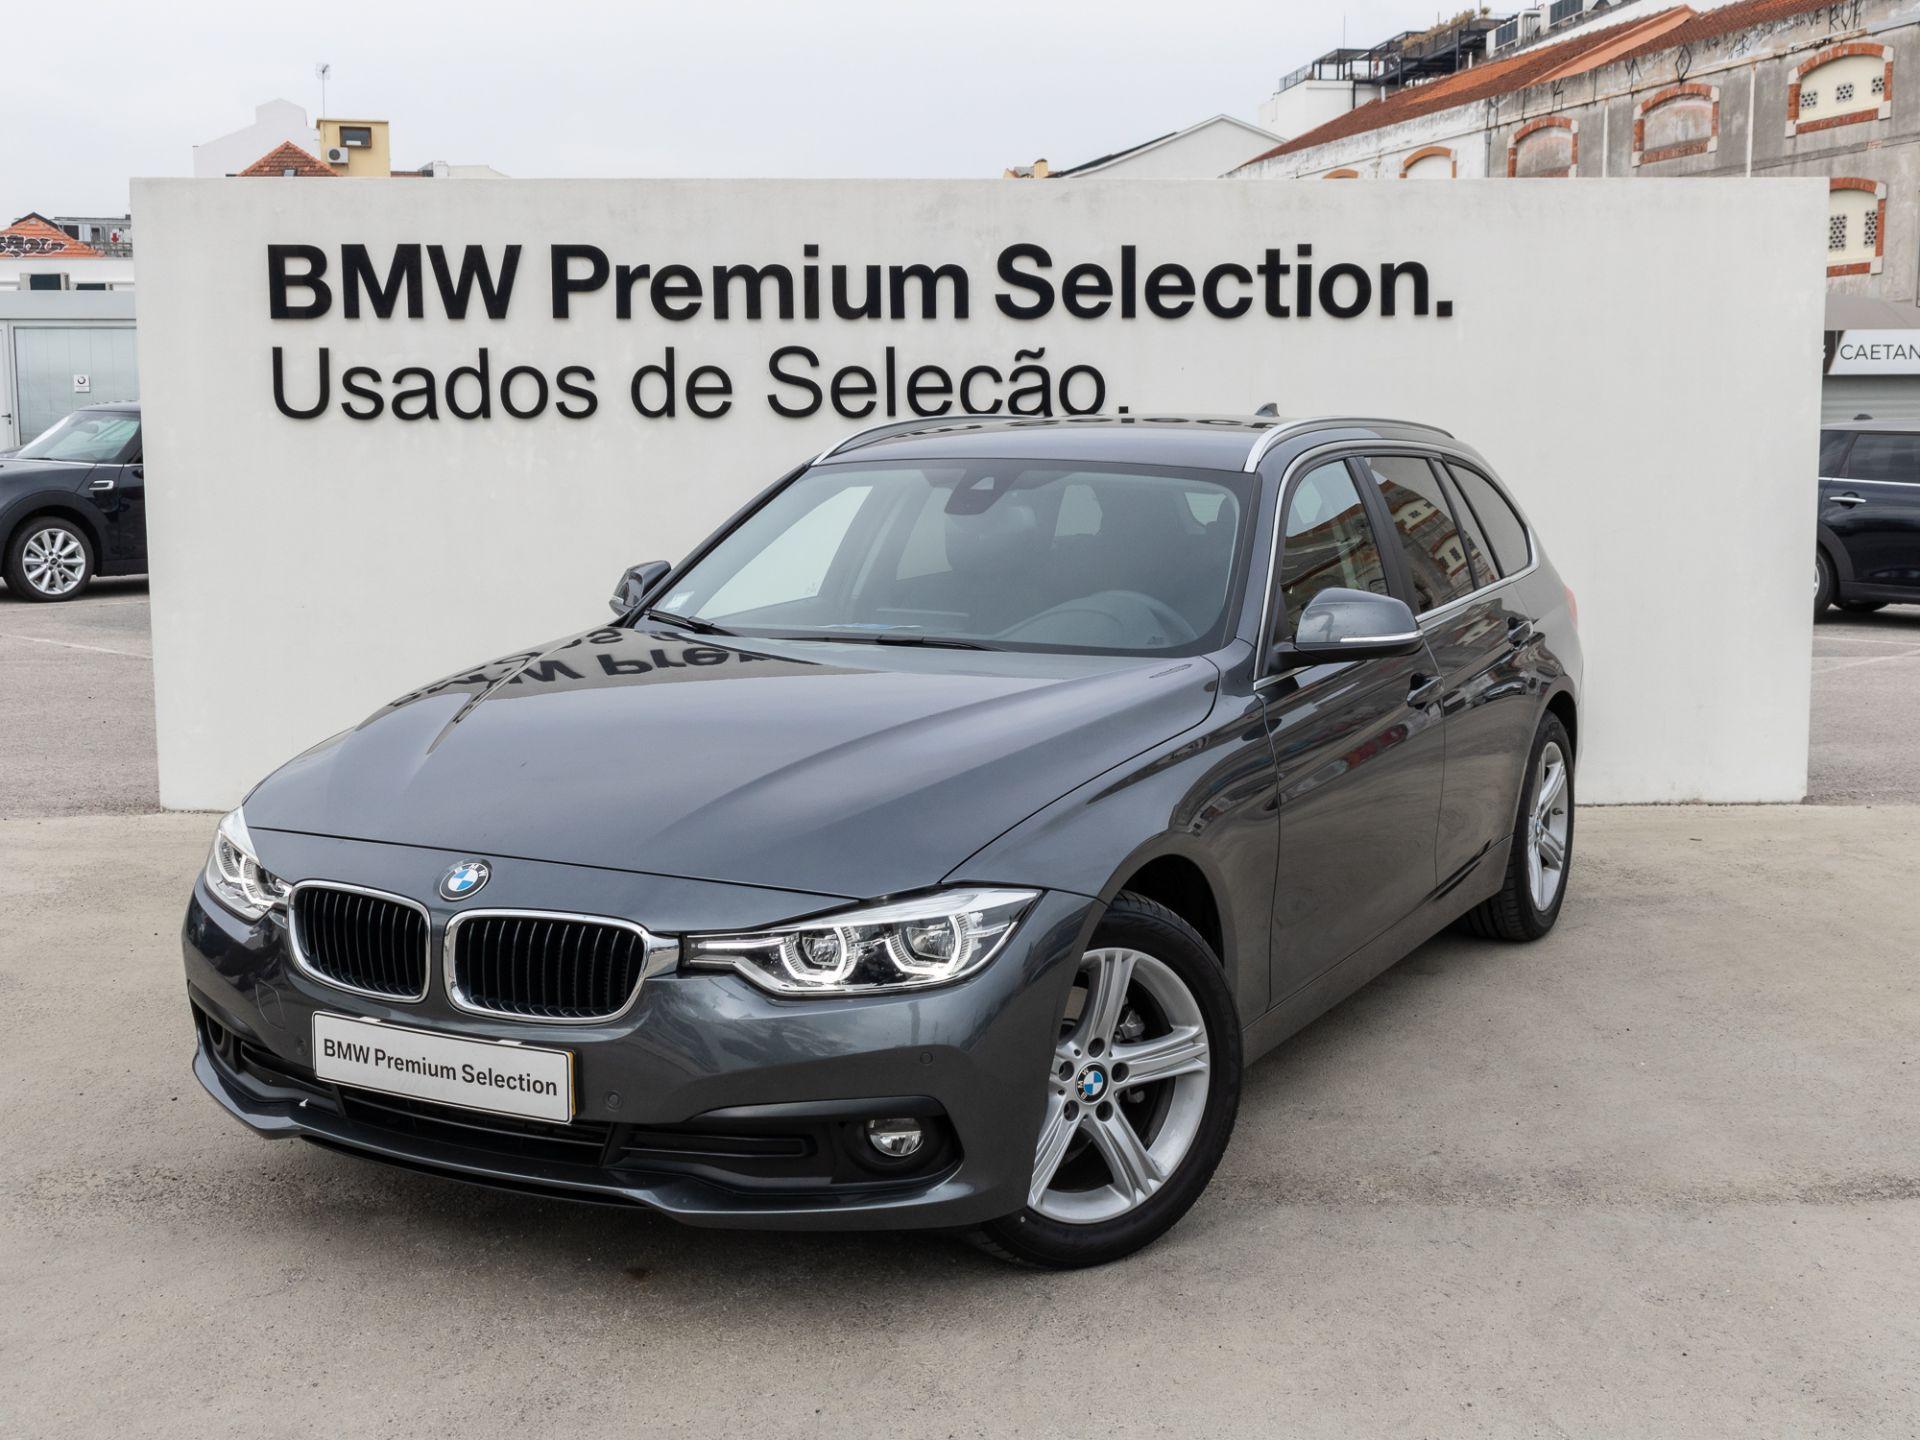 BMW Serie 3 318d Touring, Connectivity, Pele, Assist Conução segunda mão Lisboa